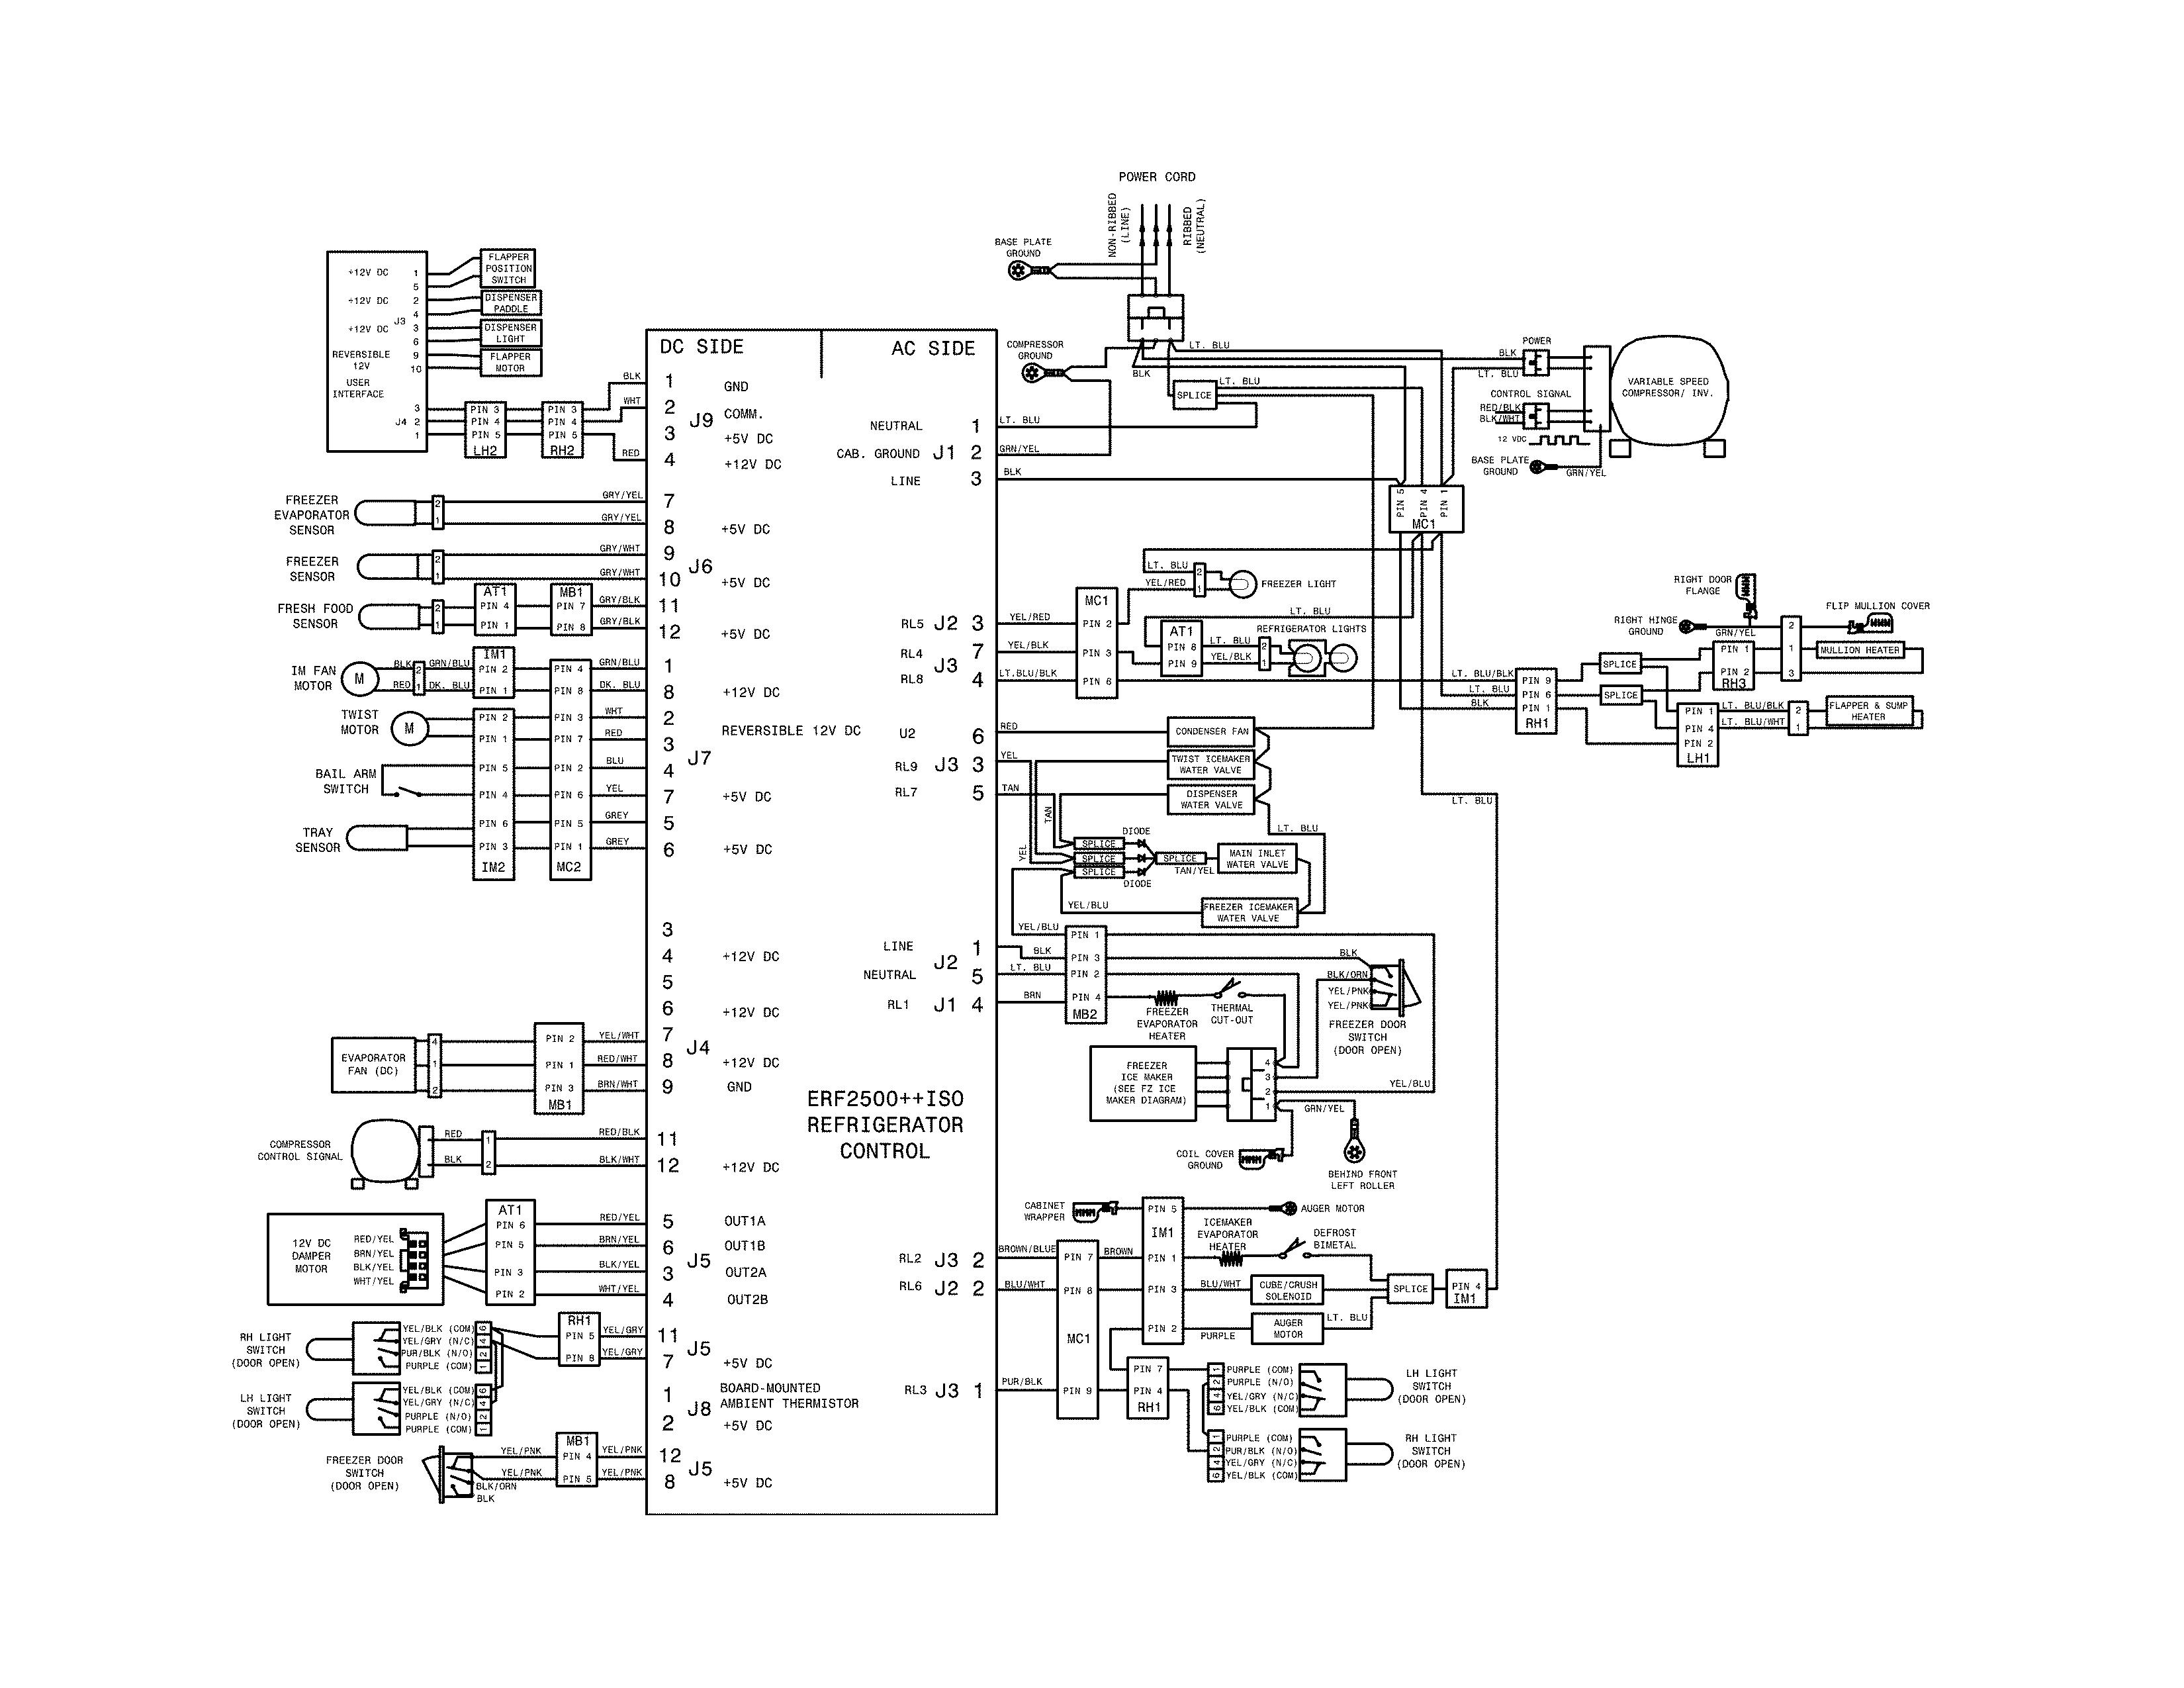 Frigidaire model FFHB2740PEBA bottom-mount refrigerator